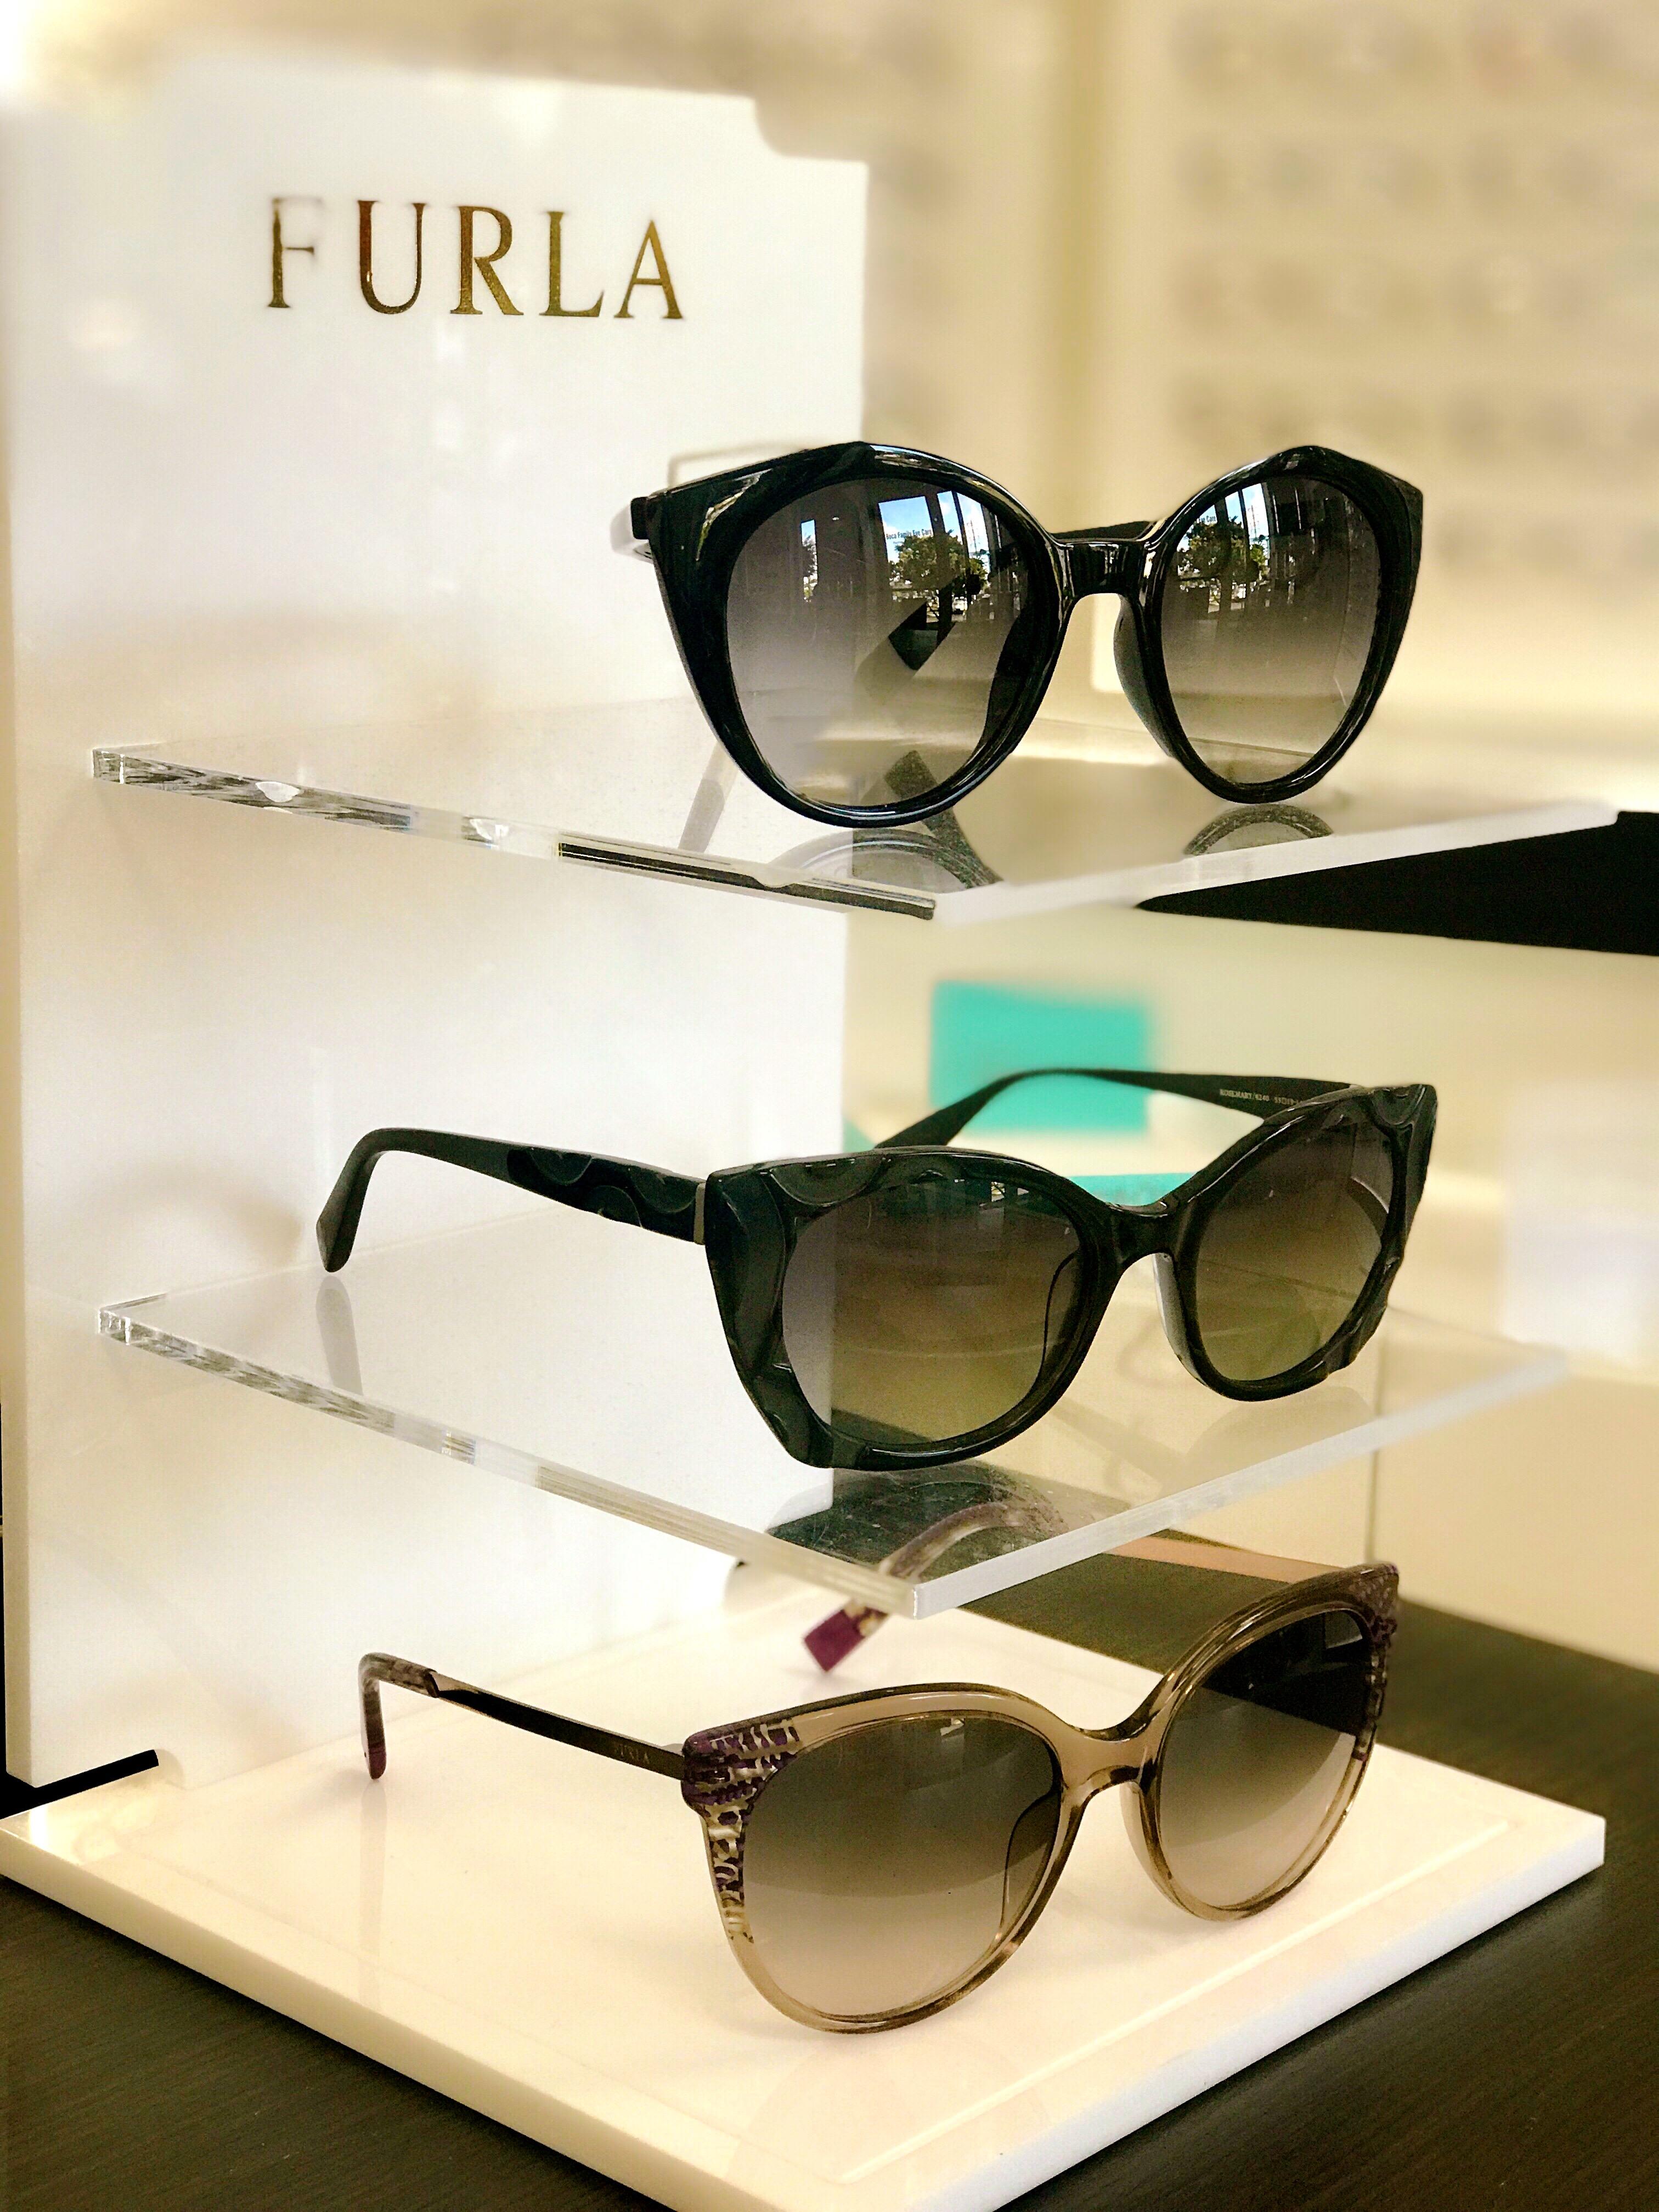 Boca Family Eye Care - Furla Eyewear